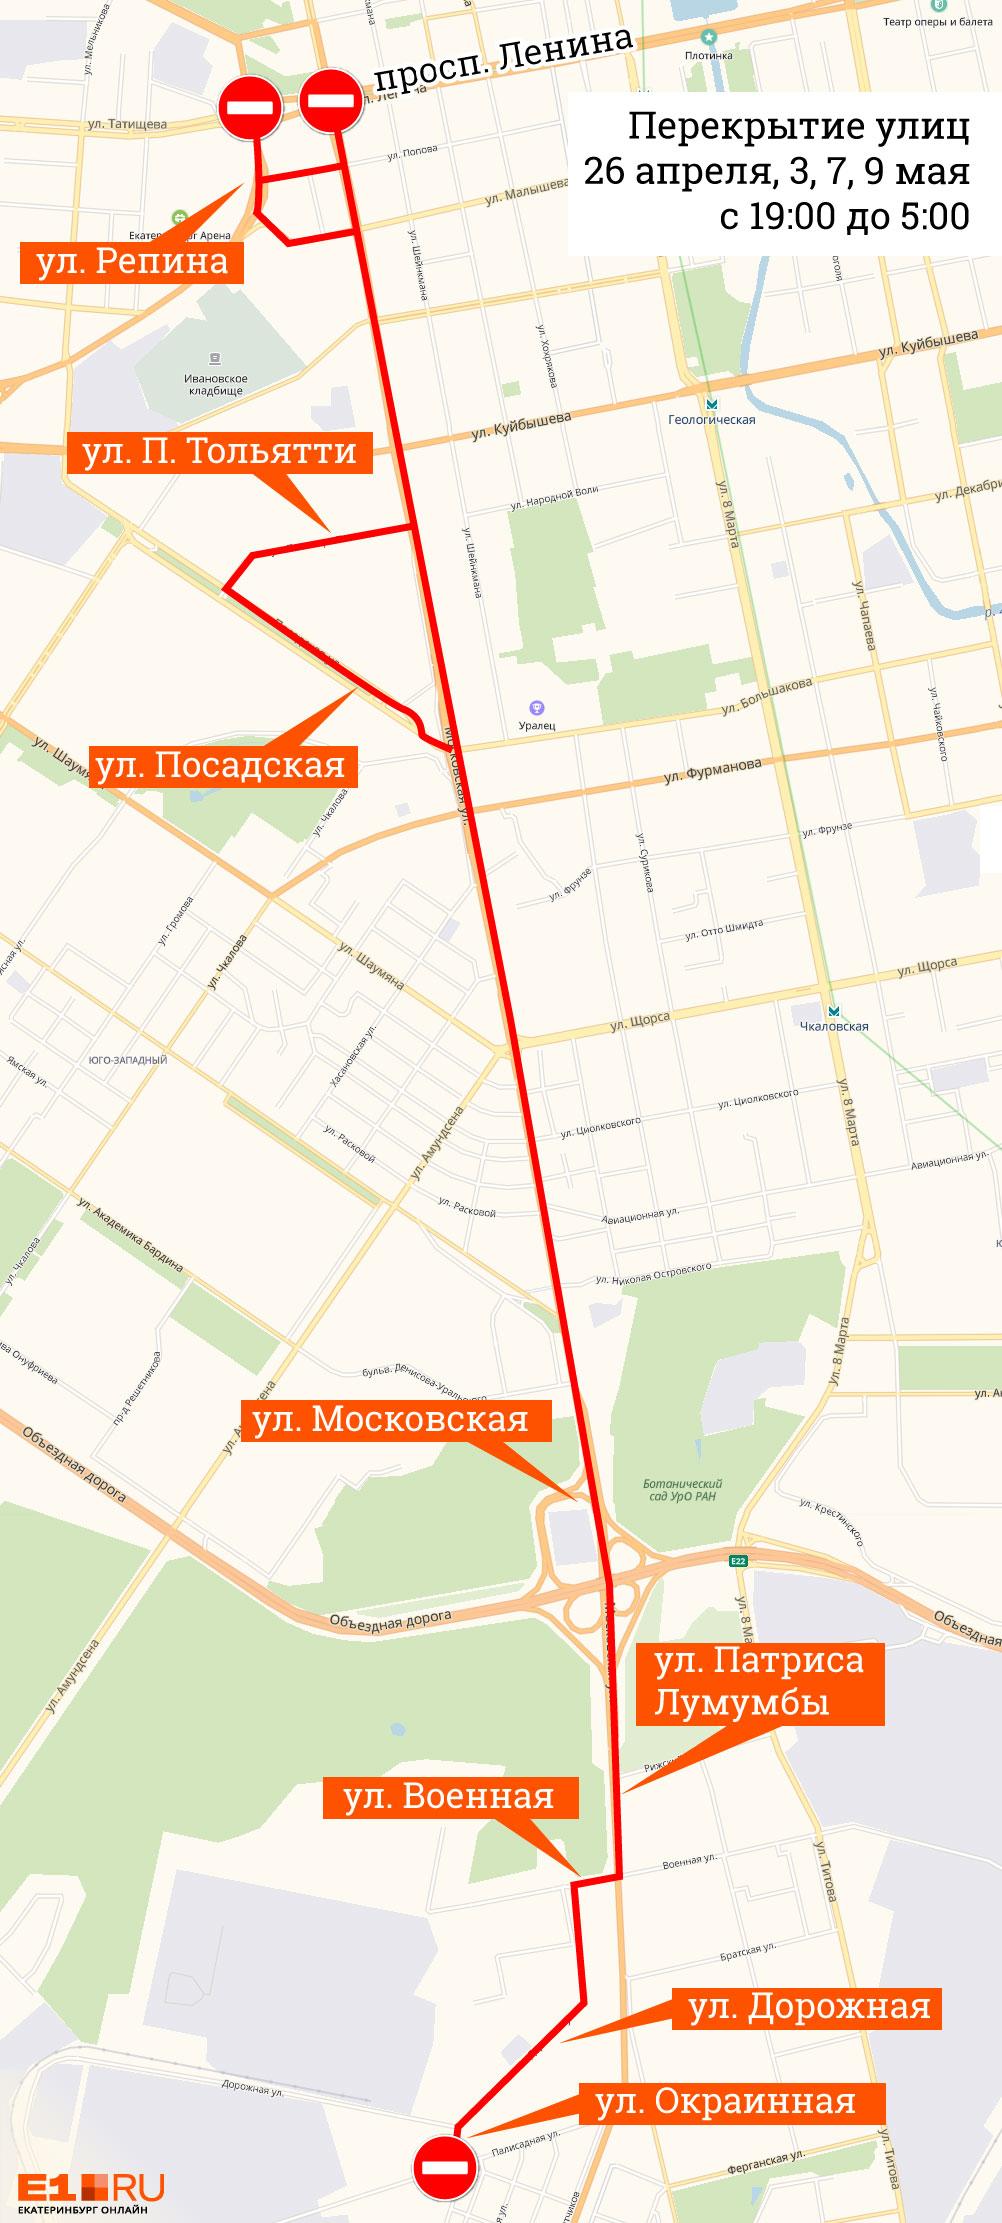 Спланируйте свои маршруты: в Екатеринбурге пройдёт финальная репетиция парада